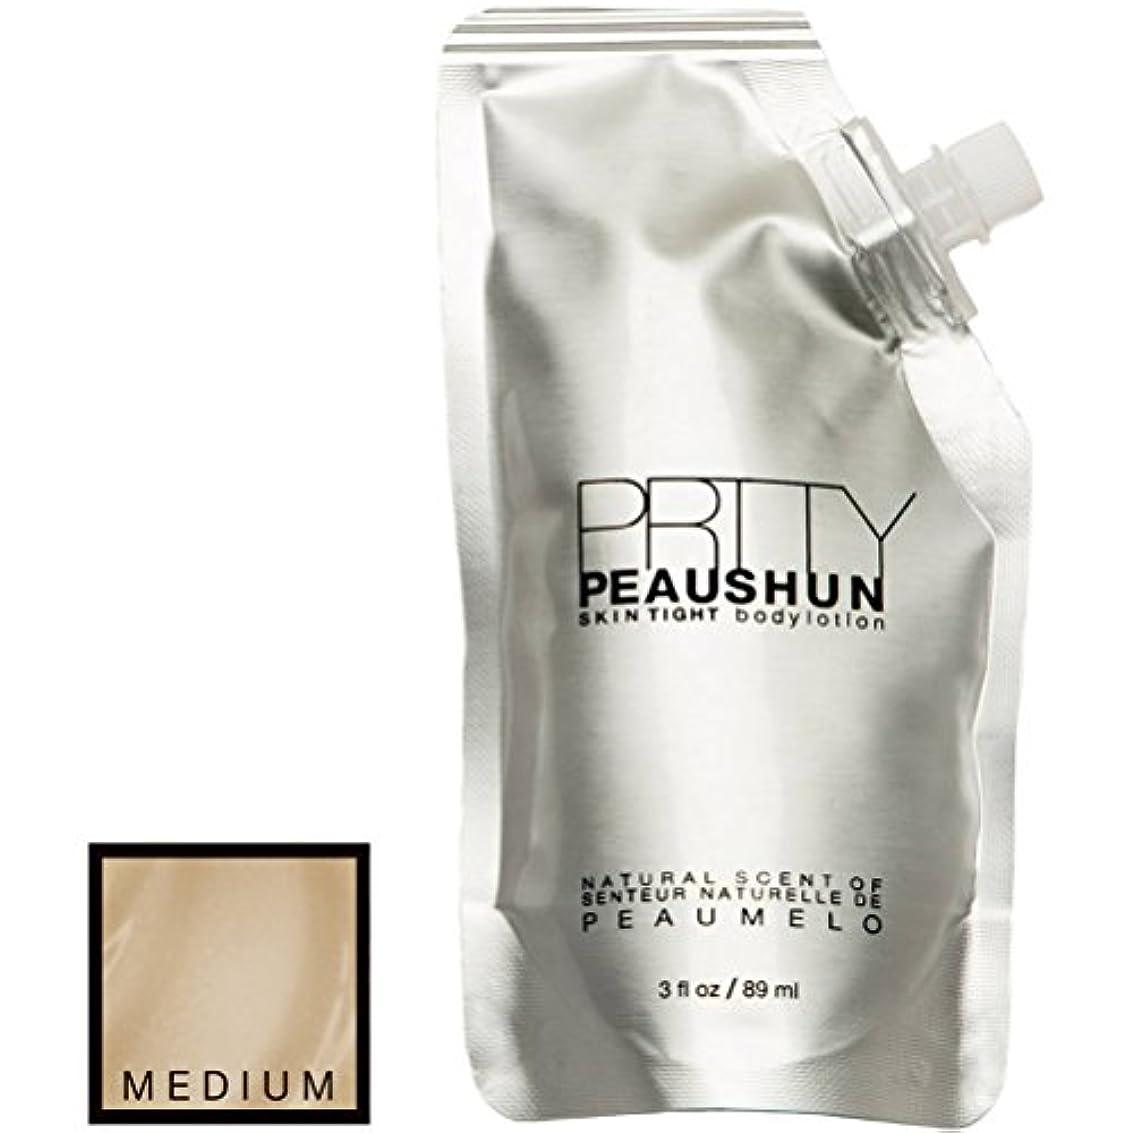 反対したロッカーセクションPrtty Peaushun Skin Tight Body Lotion - Medium by Prtty Peaushun